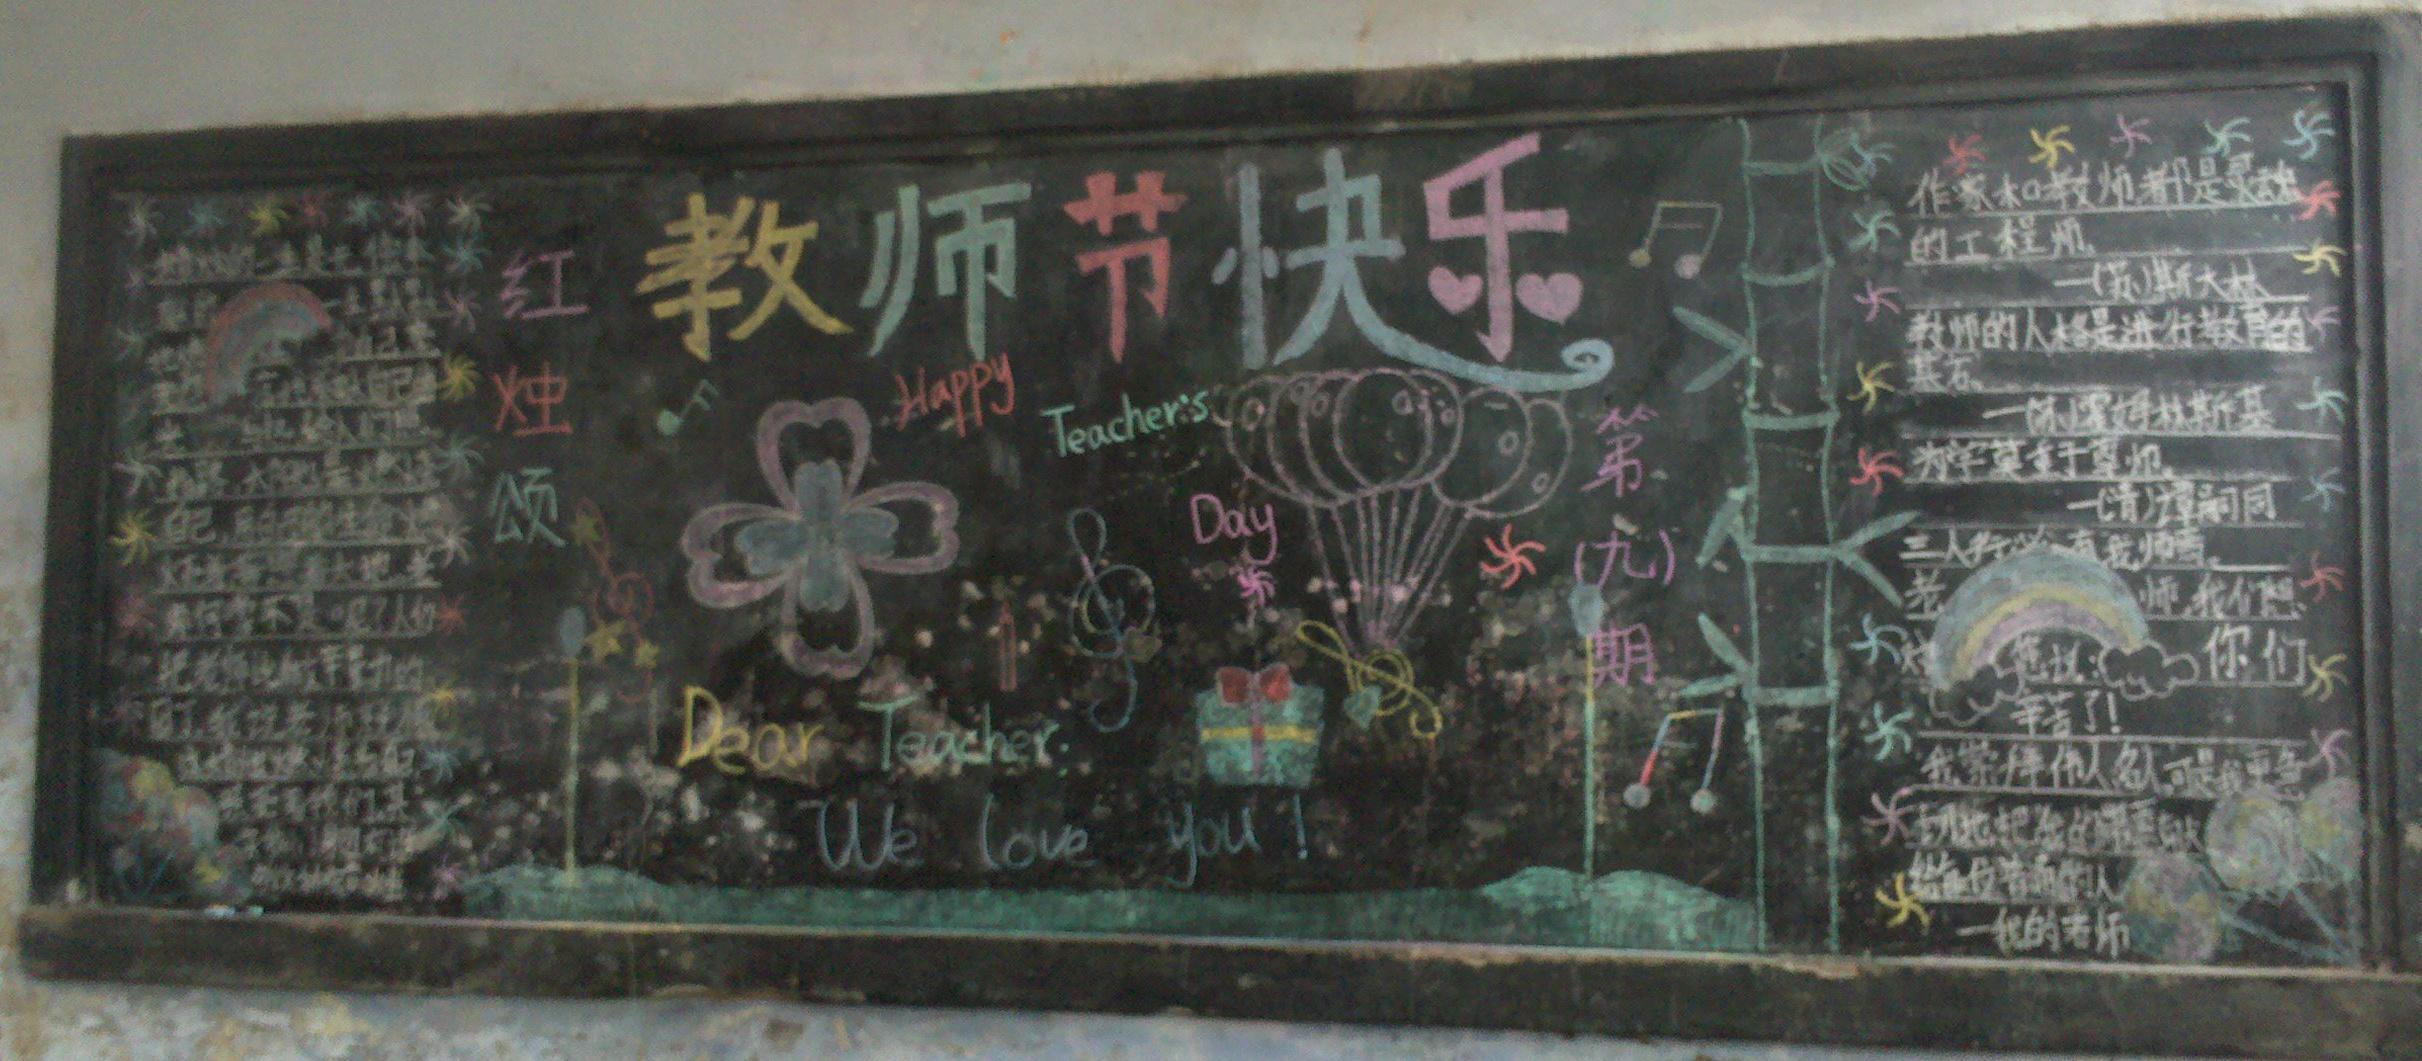 教师节庆祝_镇子初中:举办庆祝教师节黑板报,手抄报比赛